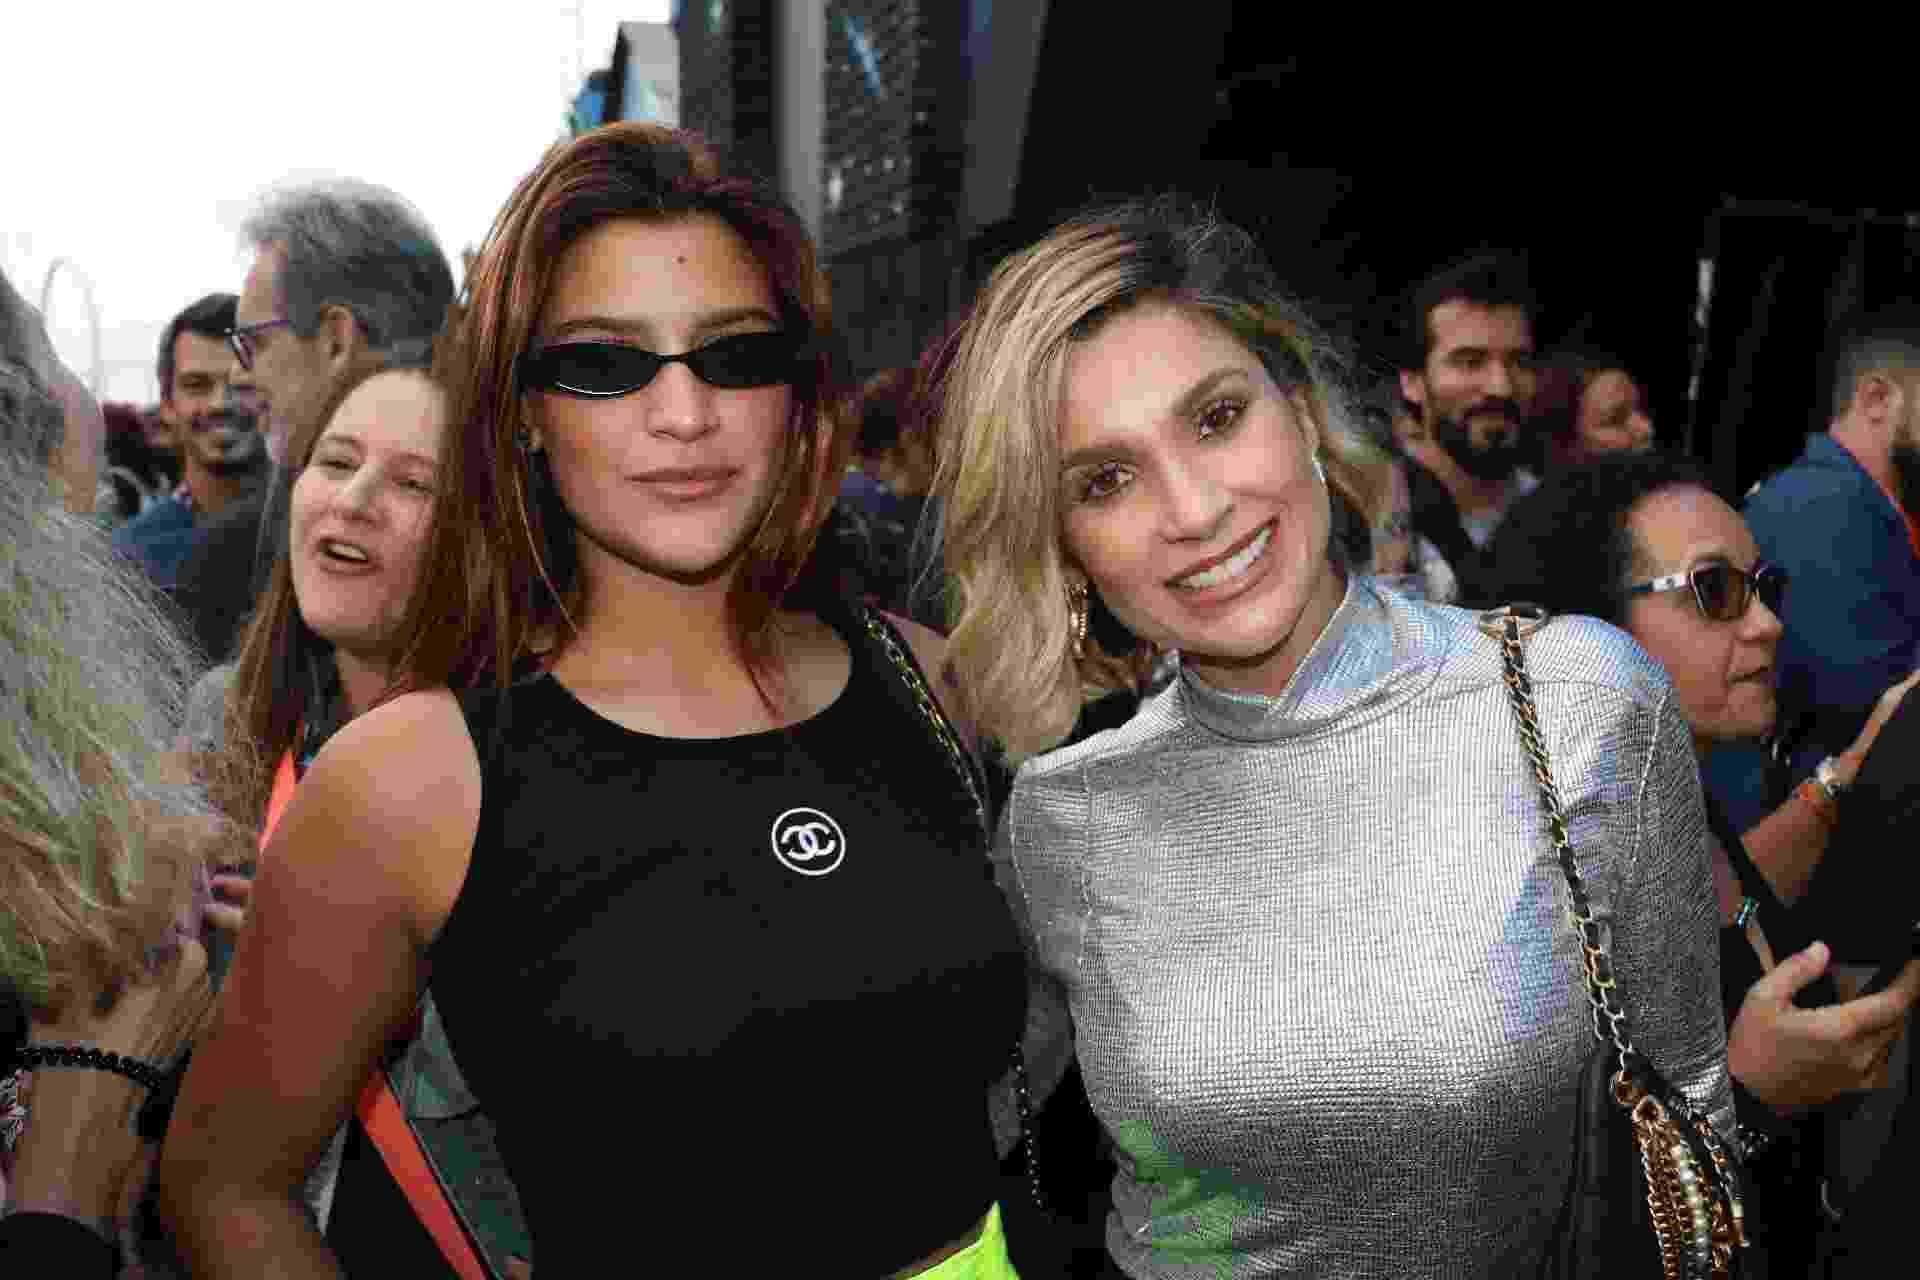 Flávia Alessandra e a filha, Giulia Costa, vão ao show de Thiago Fragosos no Rock in Rio 2019 - Rogério Fidalgo/AgNews